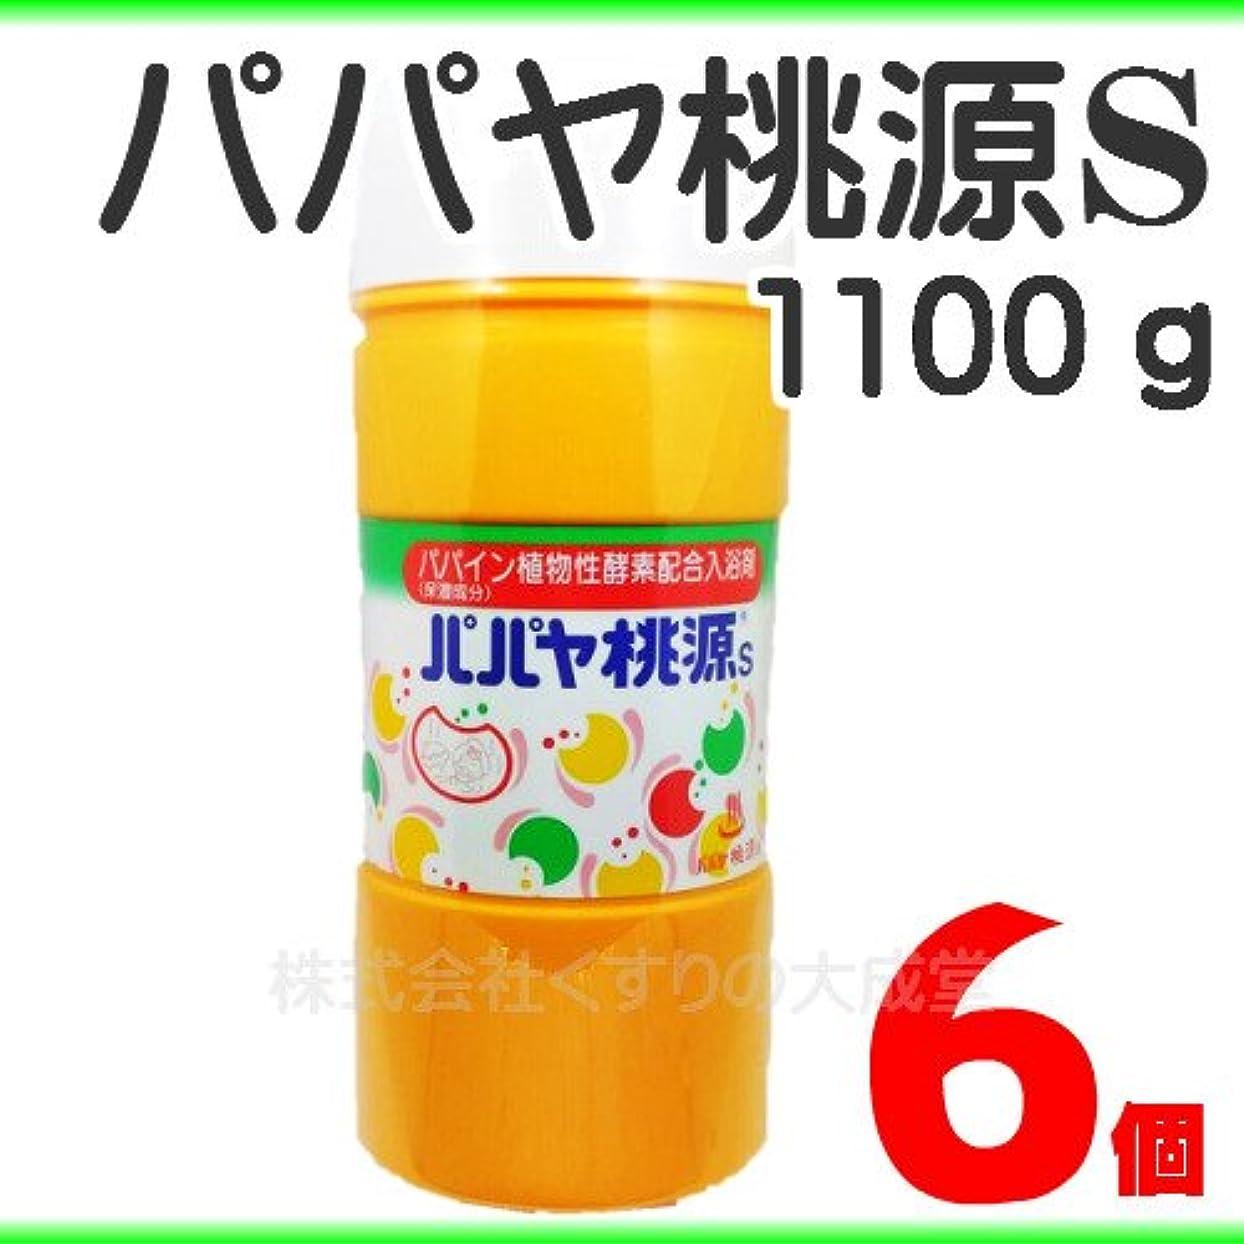 パパヤ桃源S 1100g 6個 医薬部外品